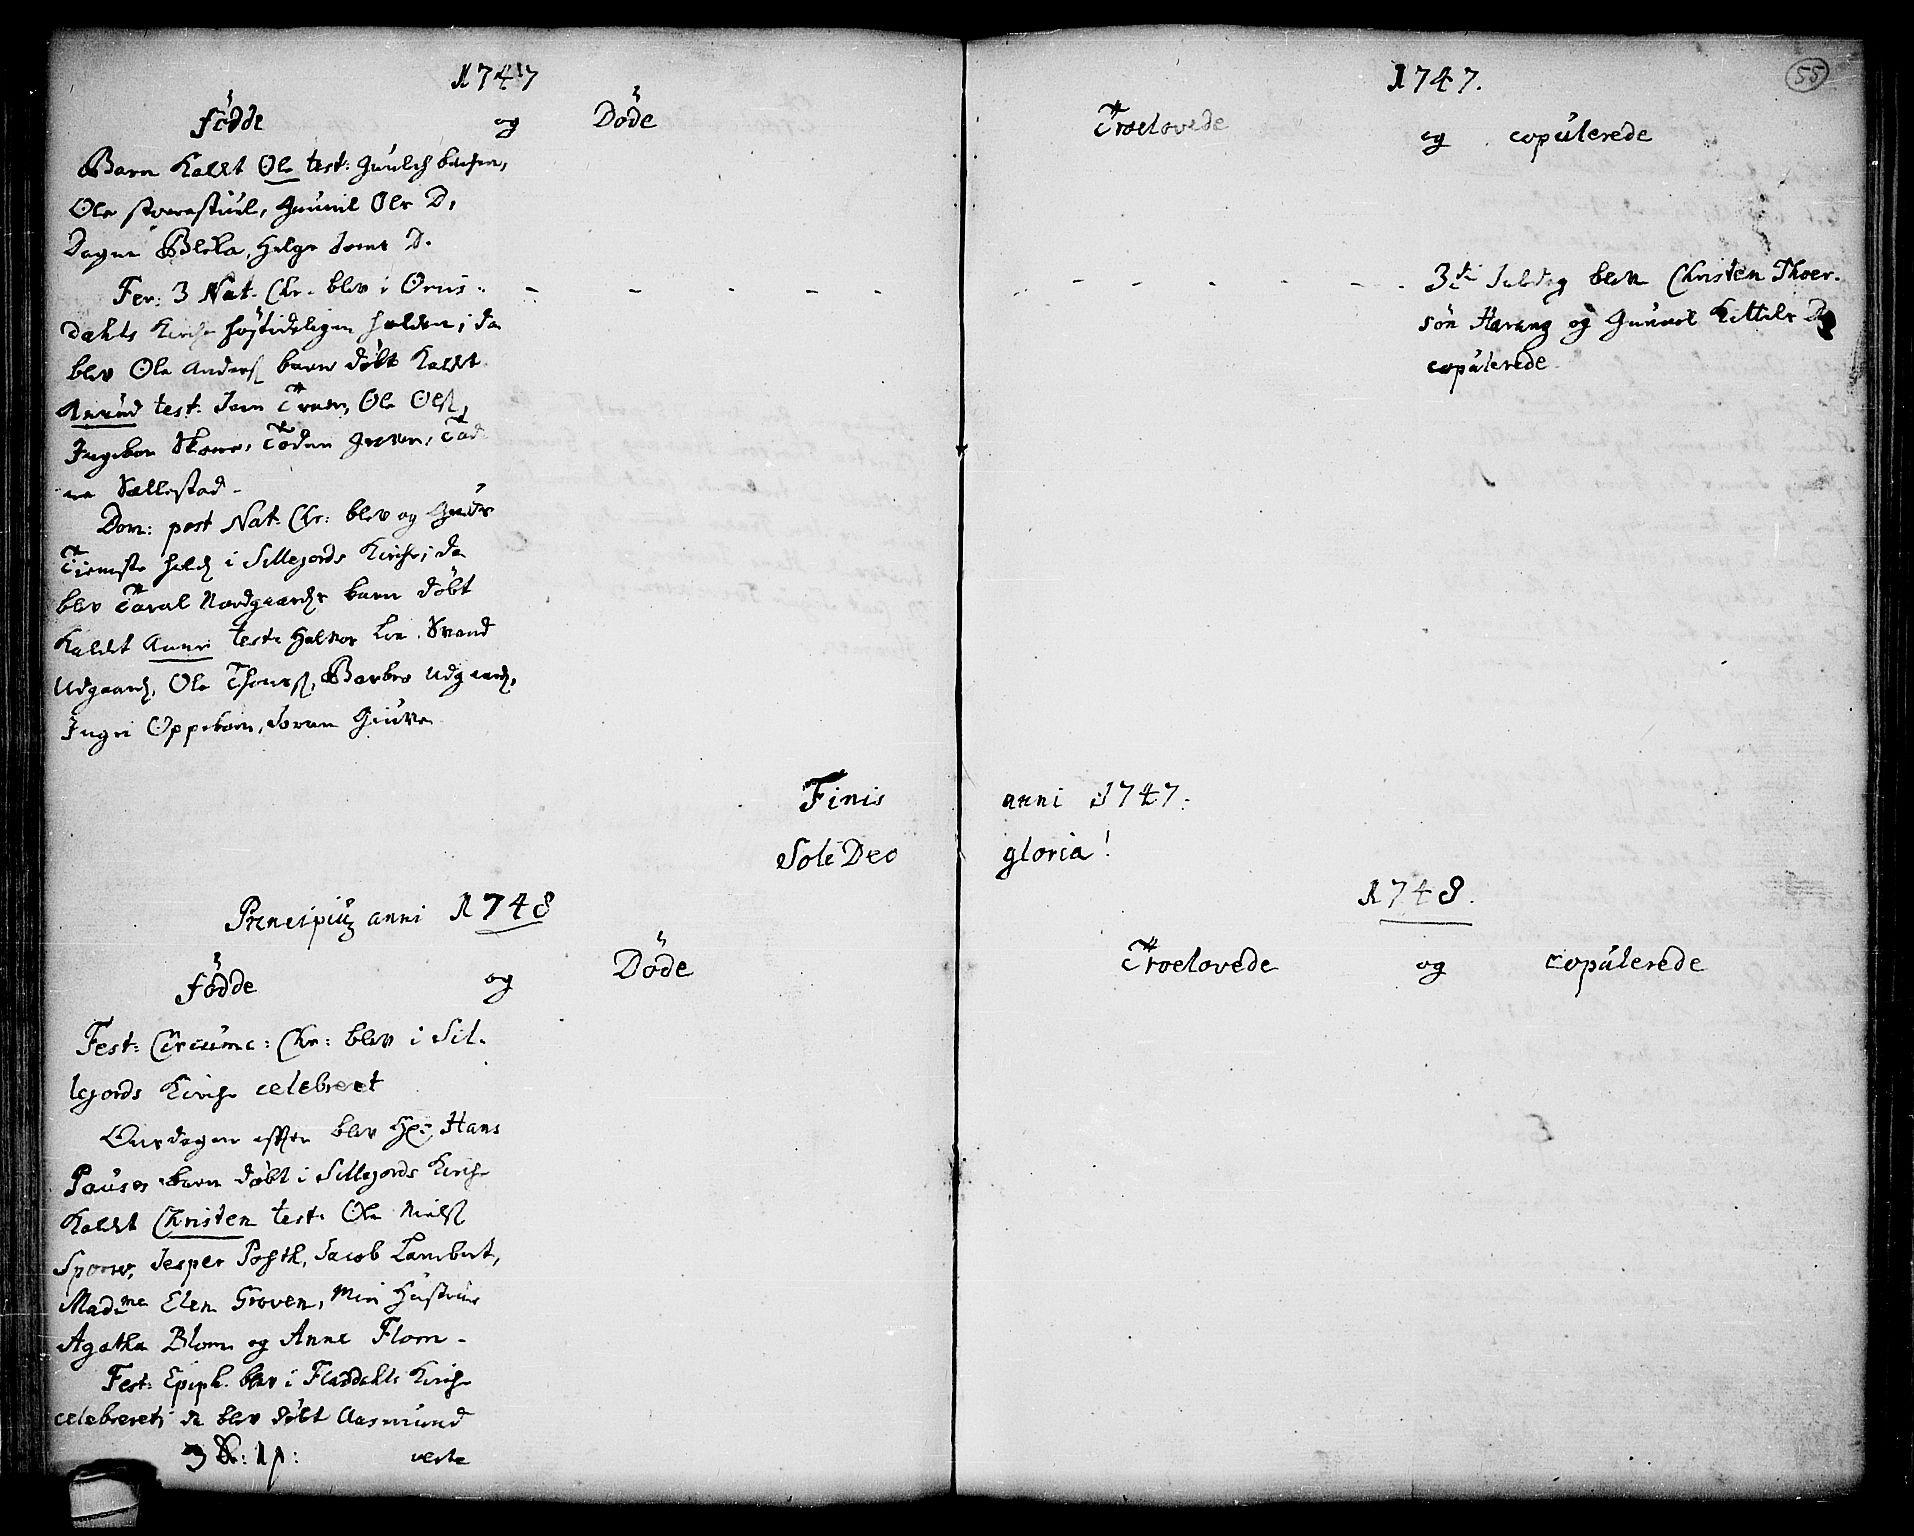 SAKO, Seljord kirkebøker, F/Fa/L0006: Ministerialbok nr. I 6, 1744-1755, s. 55